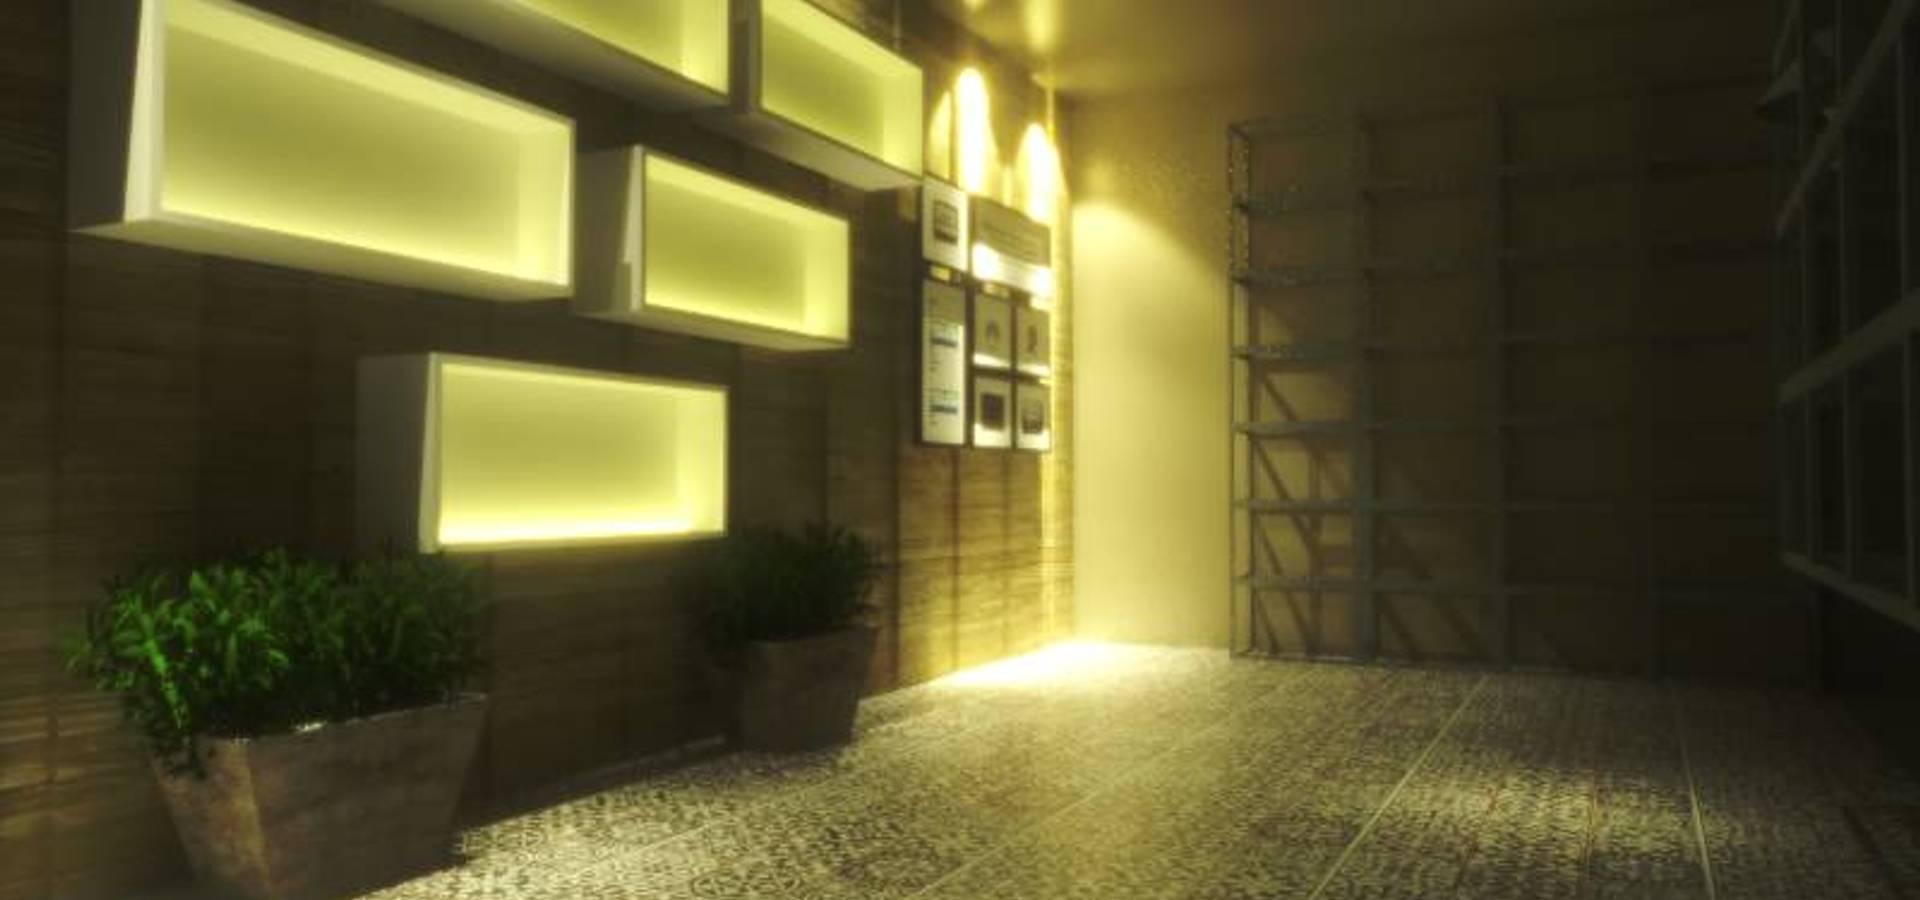 Vitra arquitectura de interior